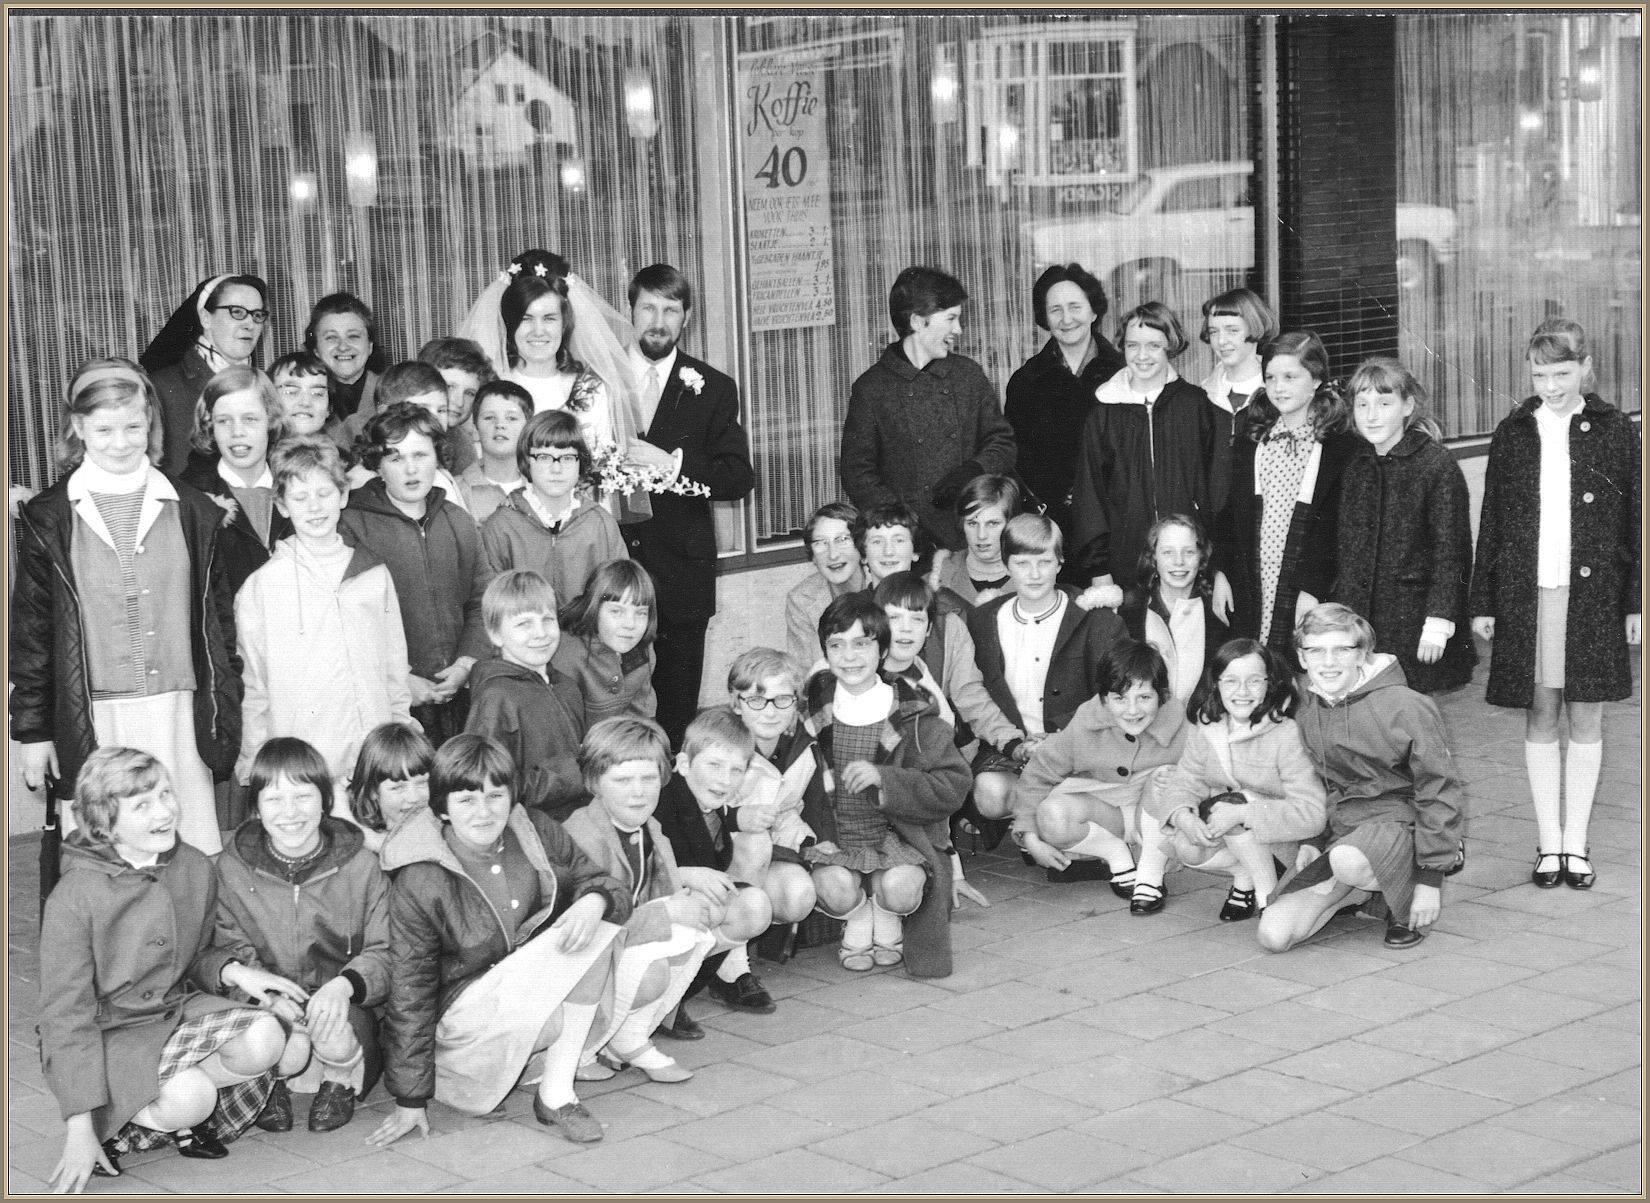 Klas meisjesschool uitgenodigd voor bruiloft (eind jaren 60)